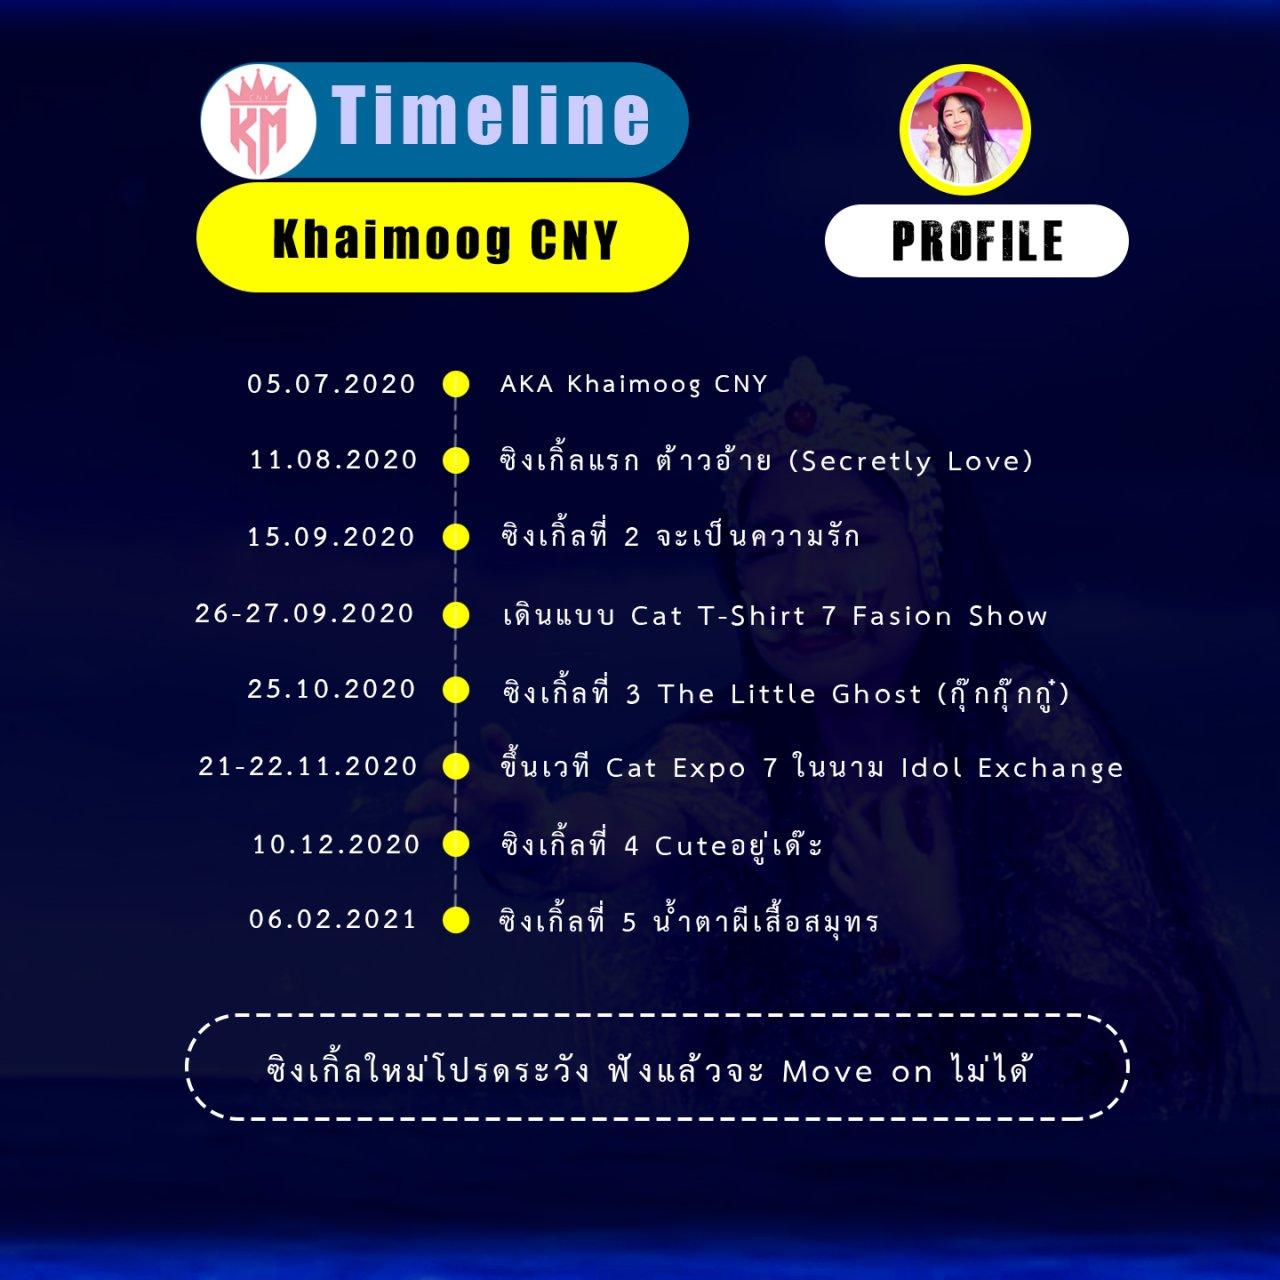 Timeline Khaimoog CNY